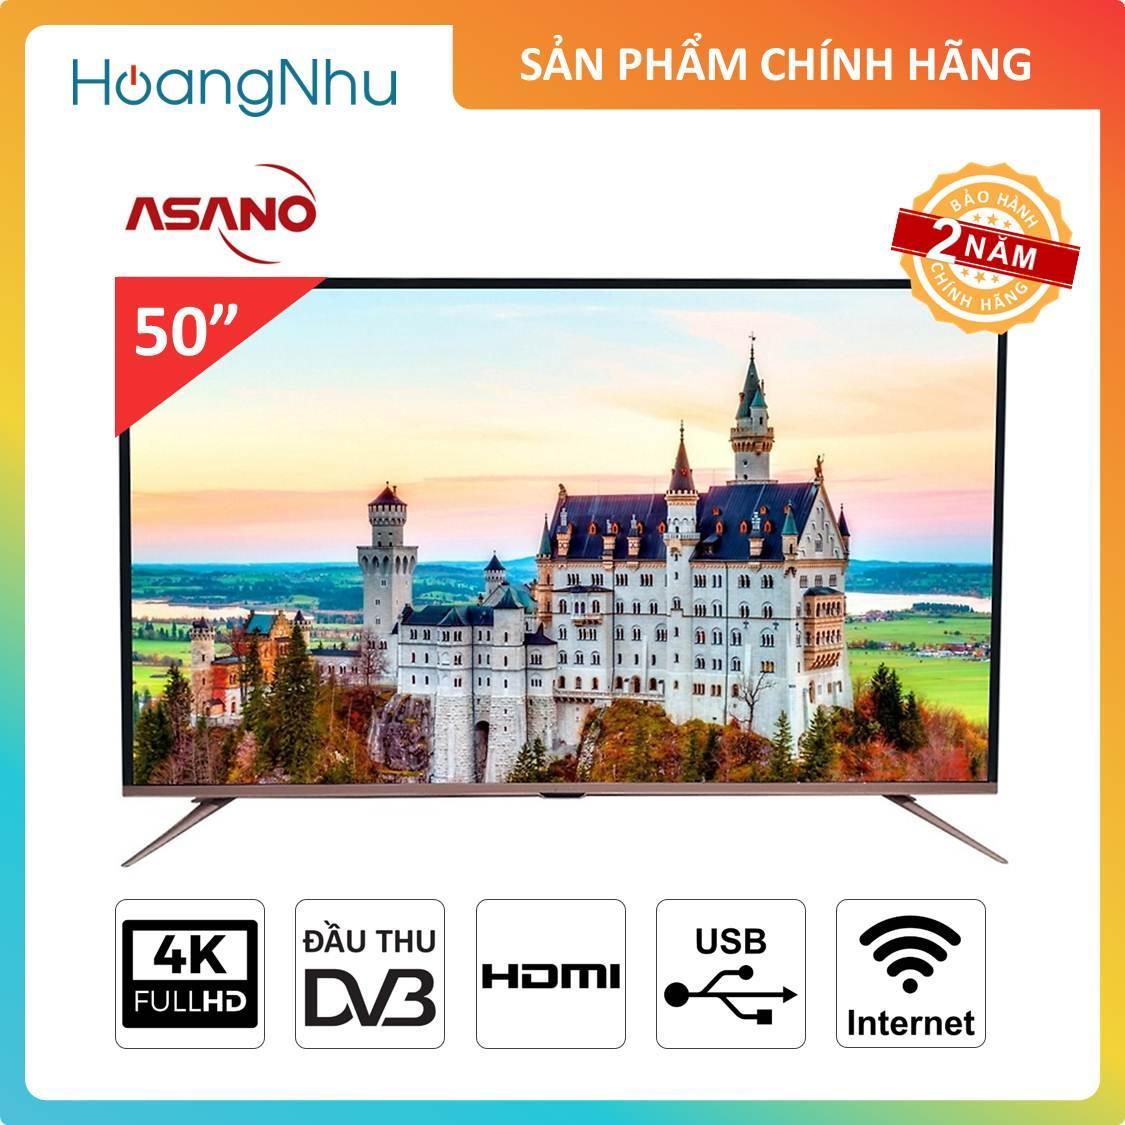 Bảng giá Smart TV UHD 4K Asano 50 inch 50EK3 (Tivi thông minh, UHD 4K, Wifi, Truyền hình kỹ thuật số) - Bảo hành 2 năm